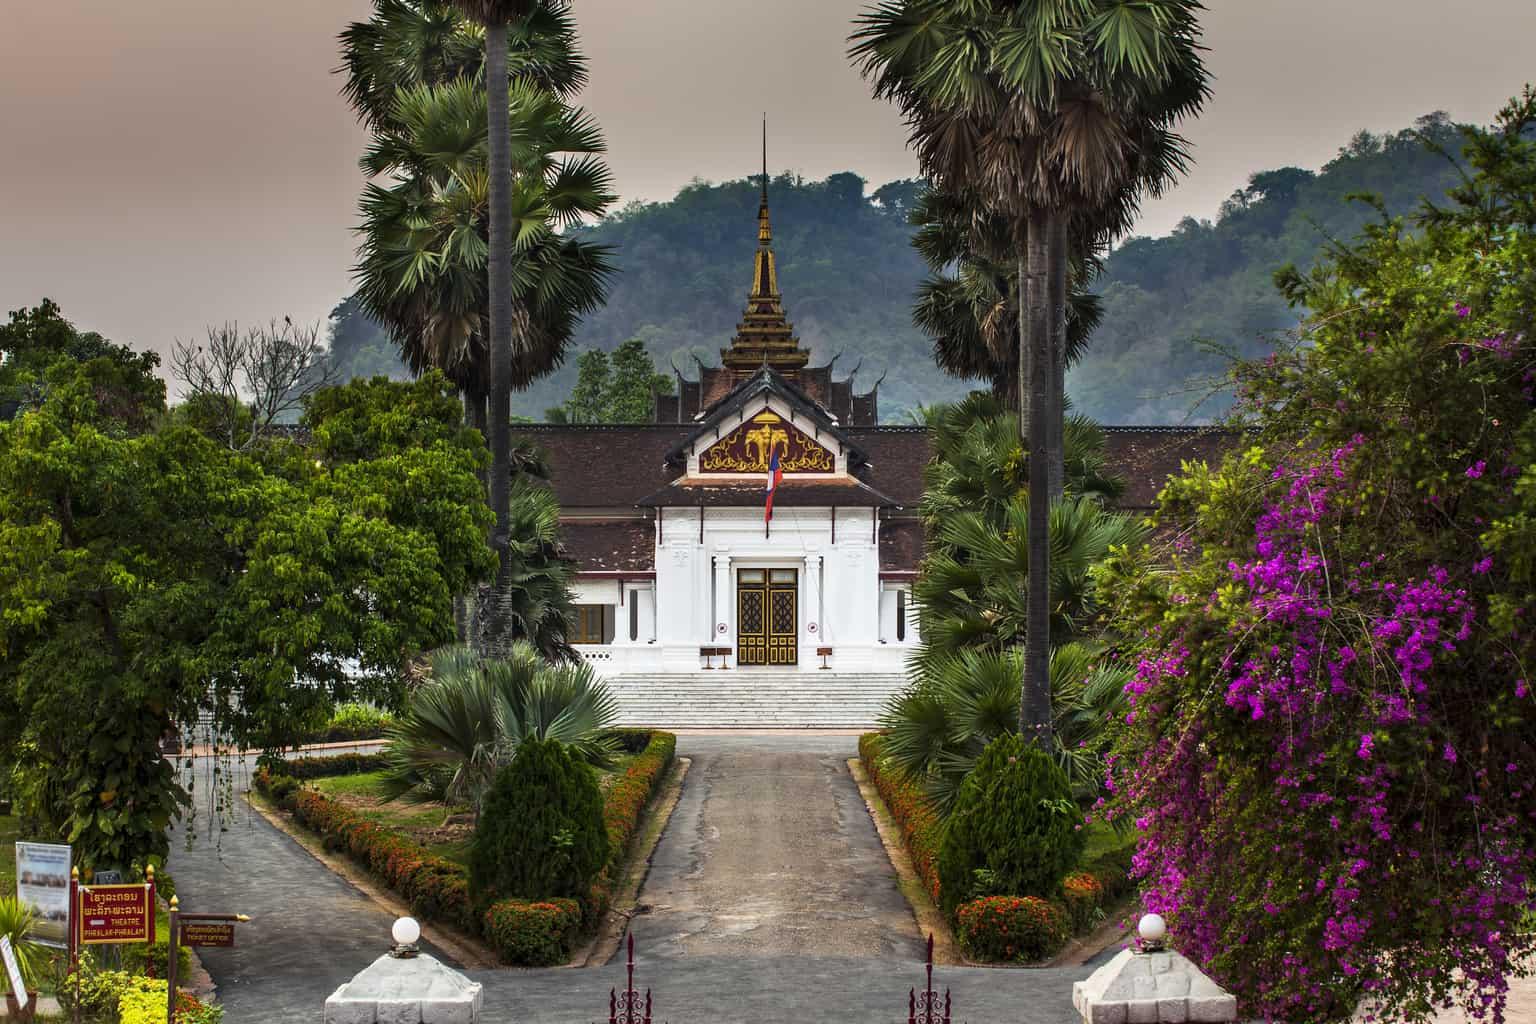 O-Haw-Kham-também-é-conhecido-como-Salão-de-Ouro-ou-Palácio-Real-e-serviu-de-residência-para-a-realeza-até-o-fim-da-monarquia-no-país.